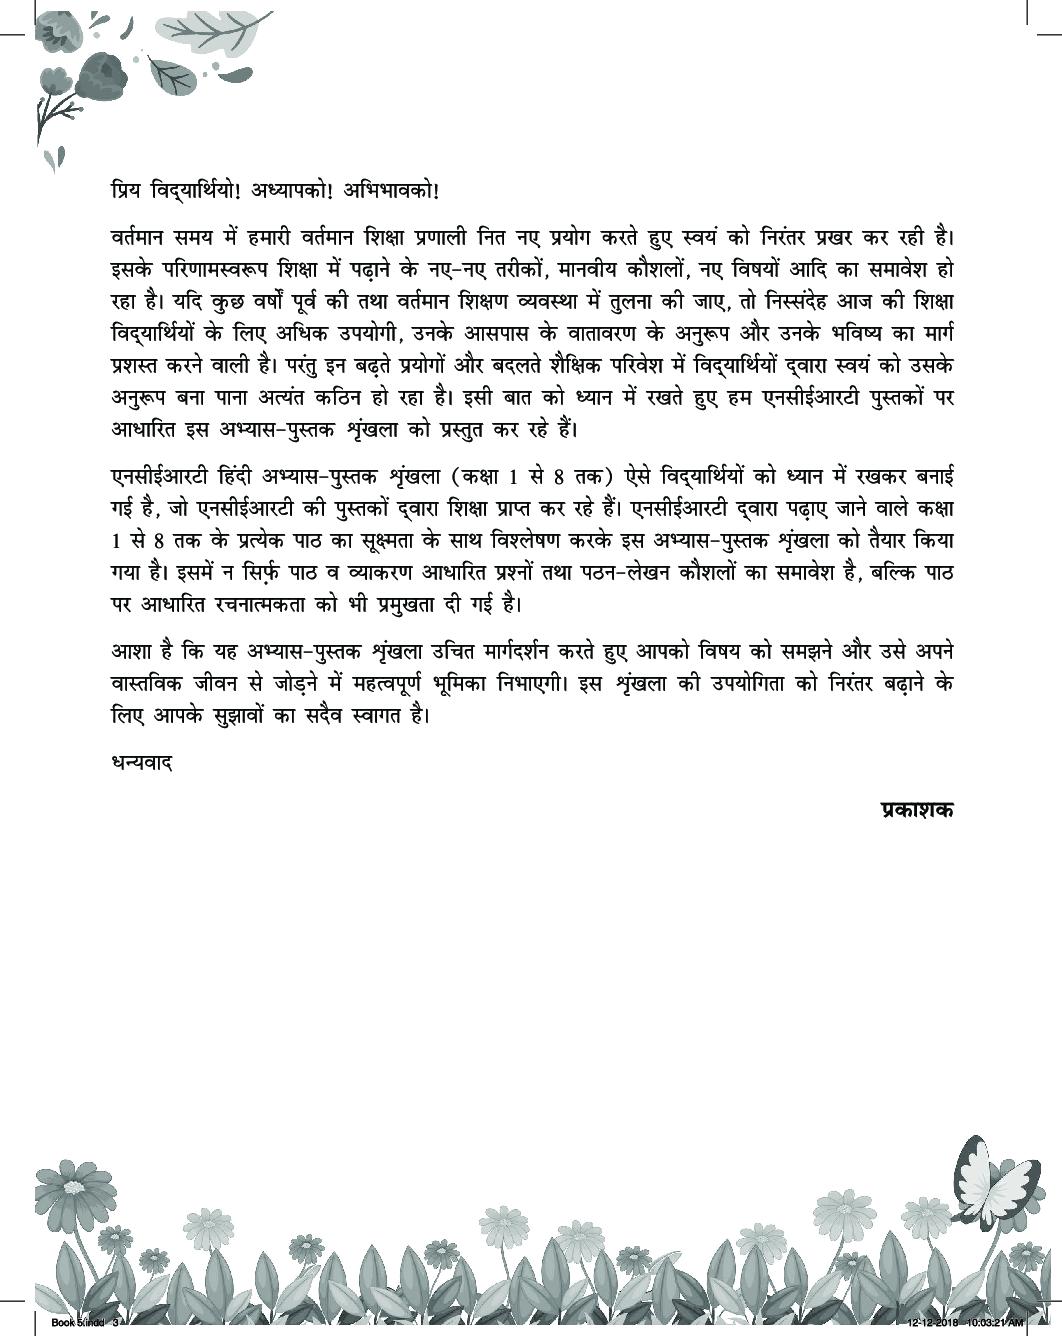 NCERT हिंदी अभ्यास पुस्तिका भाग-5 - Page 4